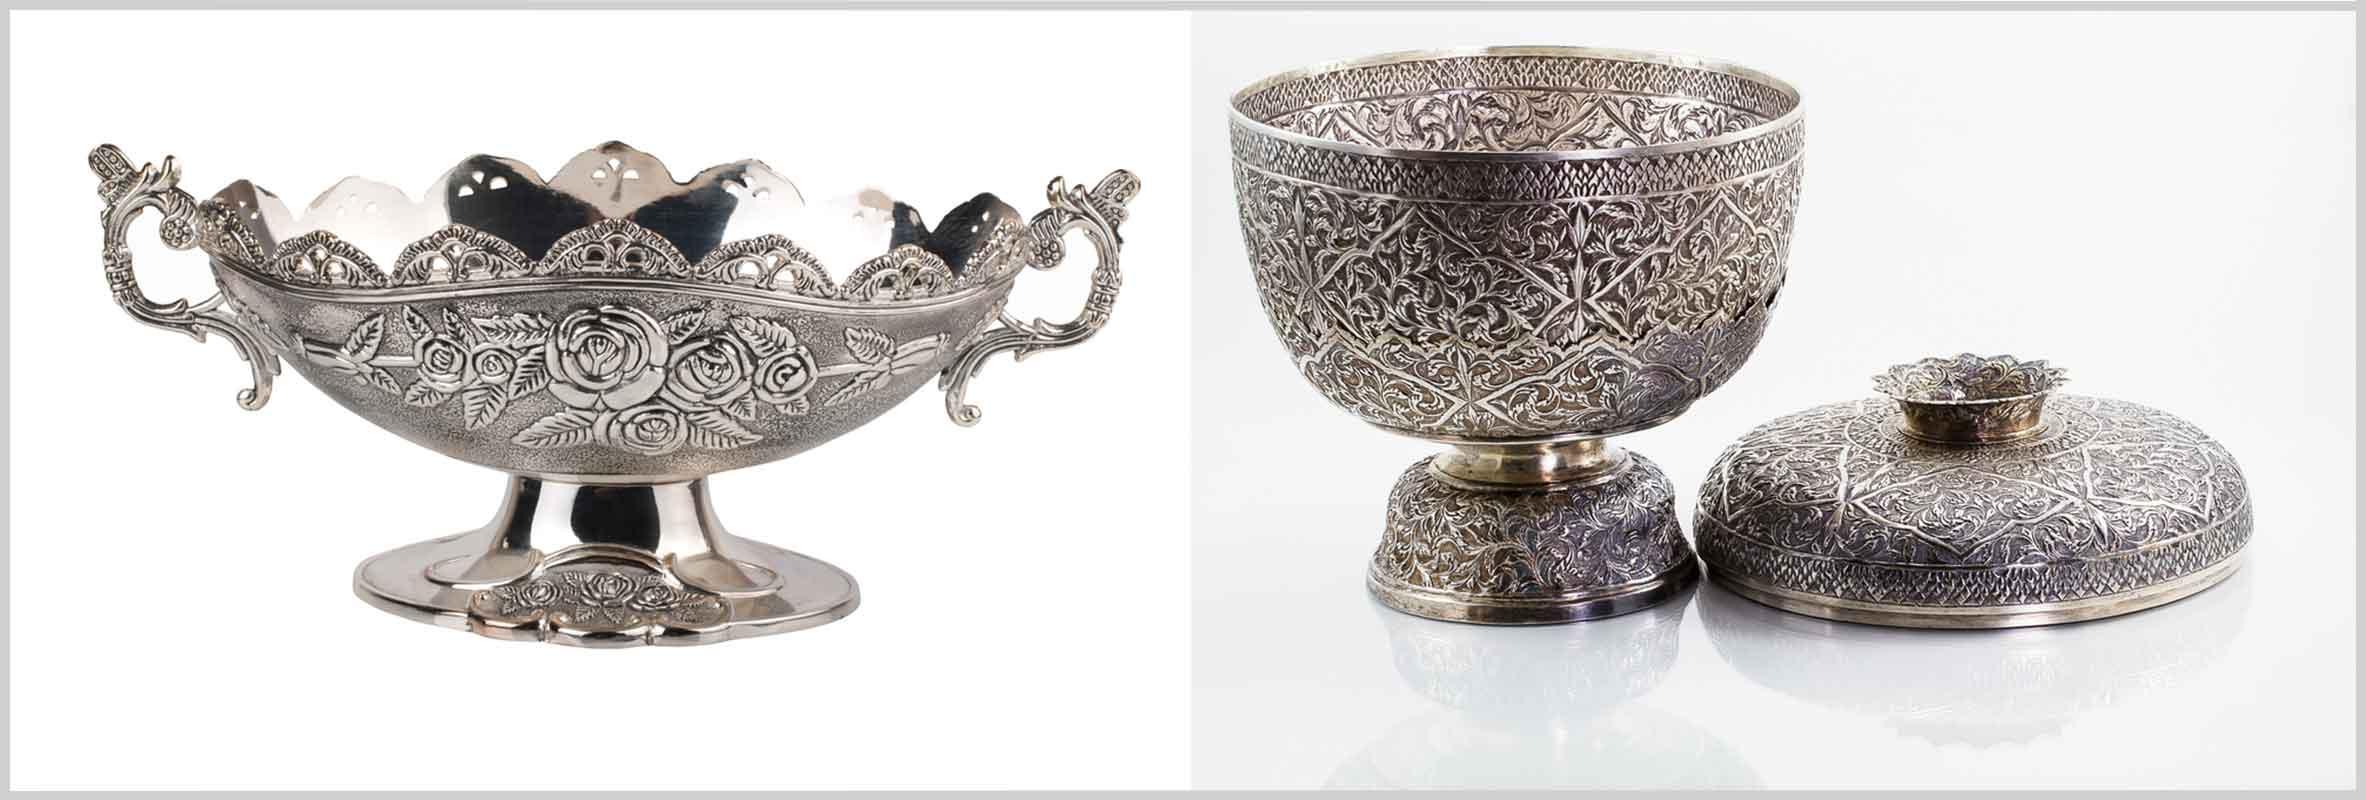 silver home decor accessories - home decor ideas